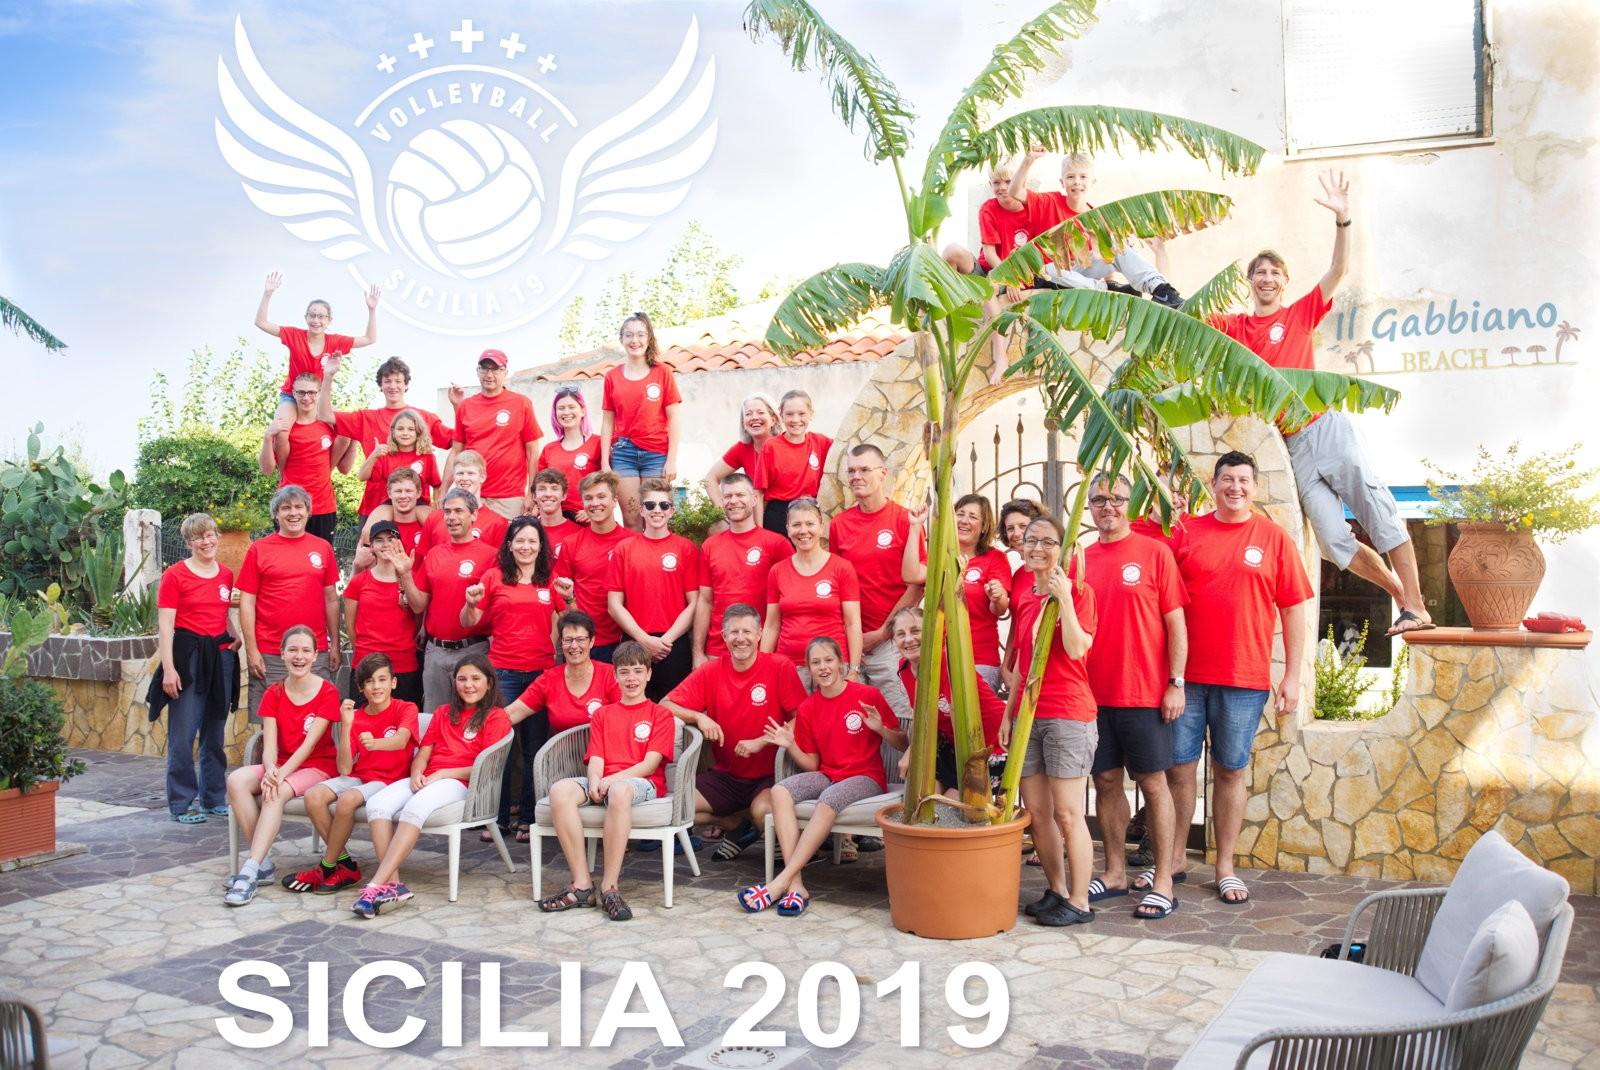 Volleyballtrainingslager Sicilia 2019 – Rückblick